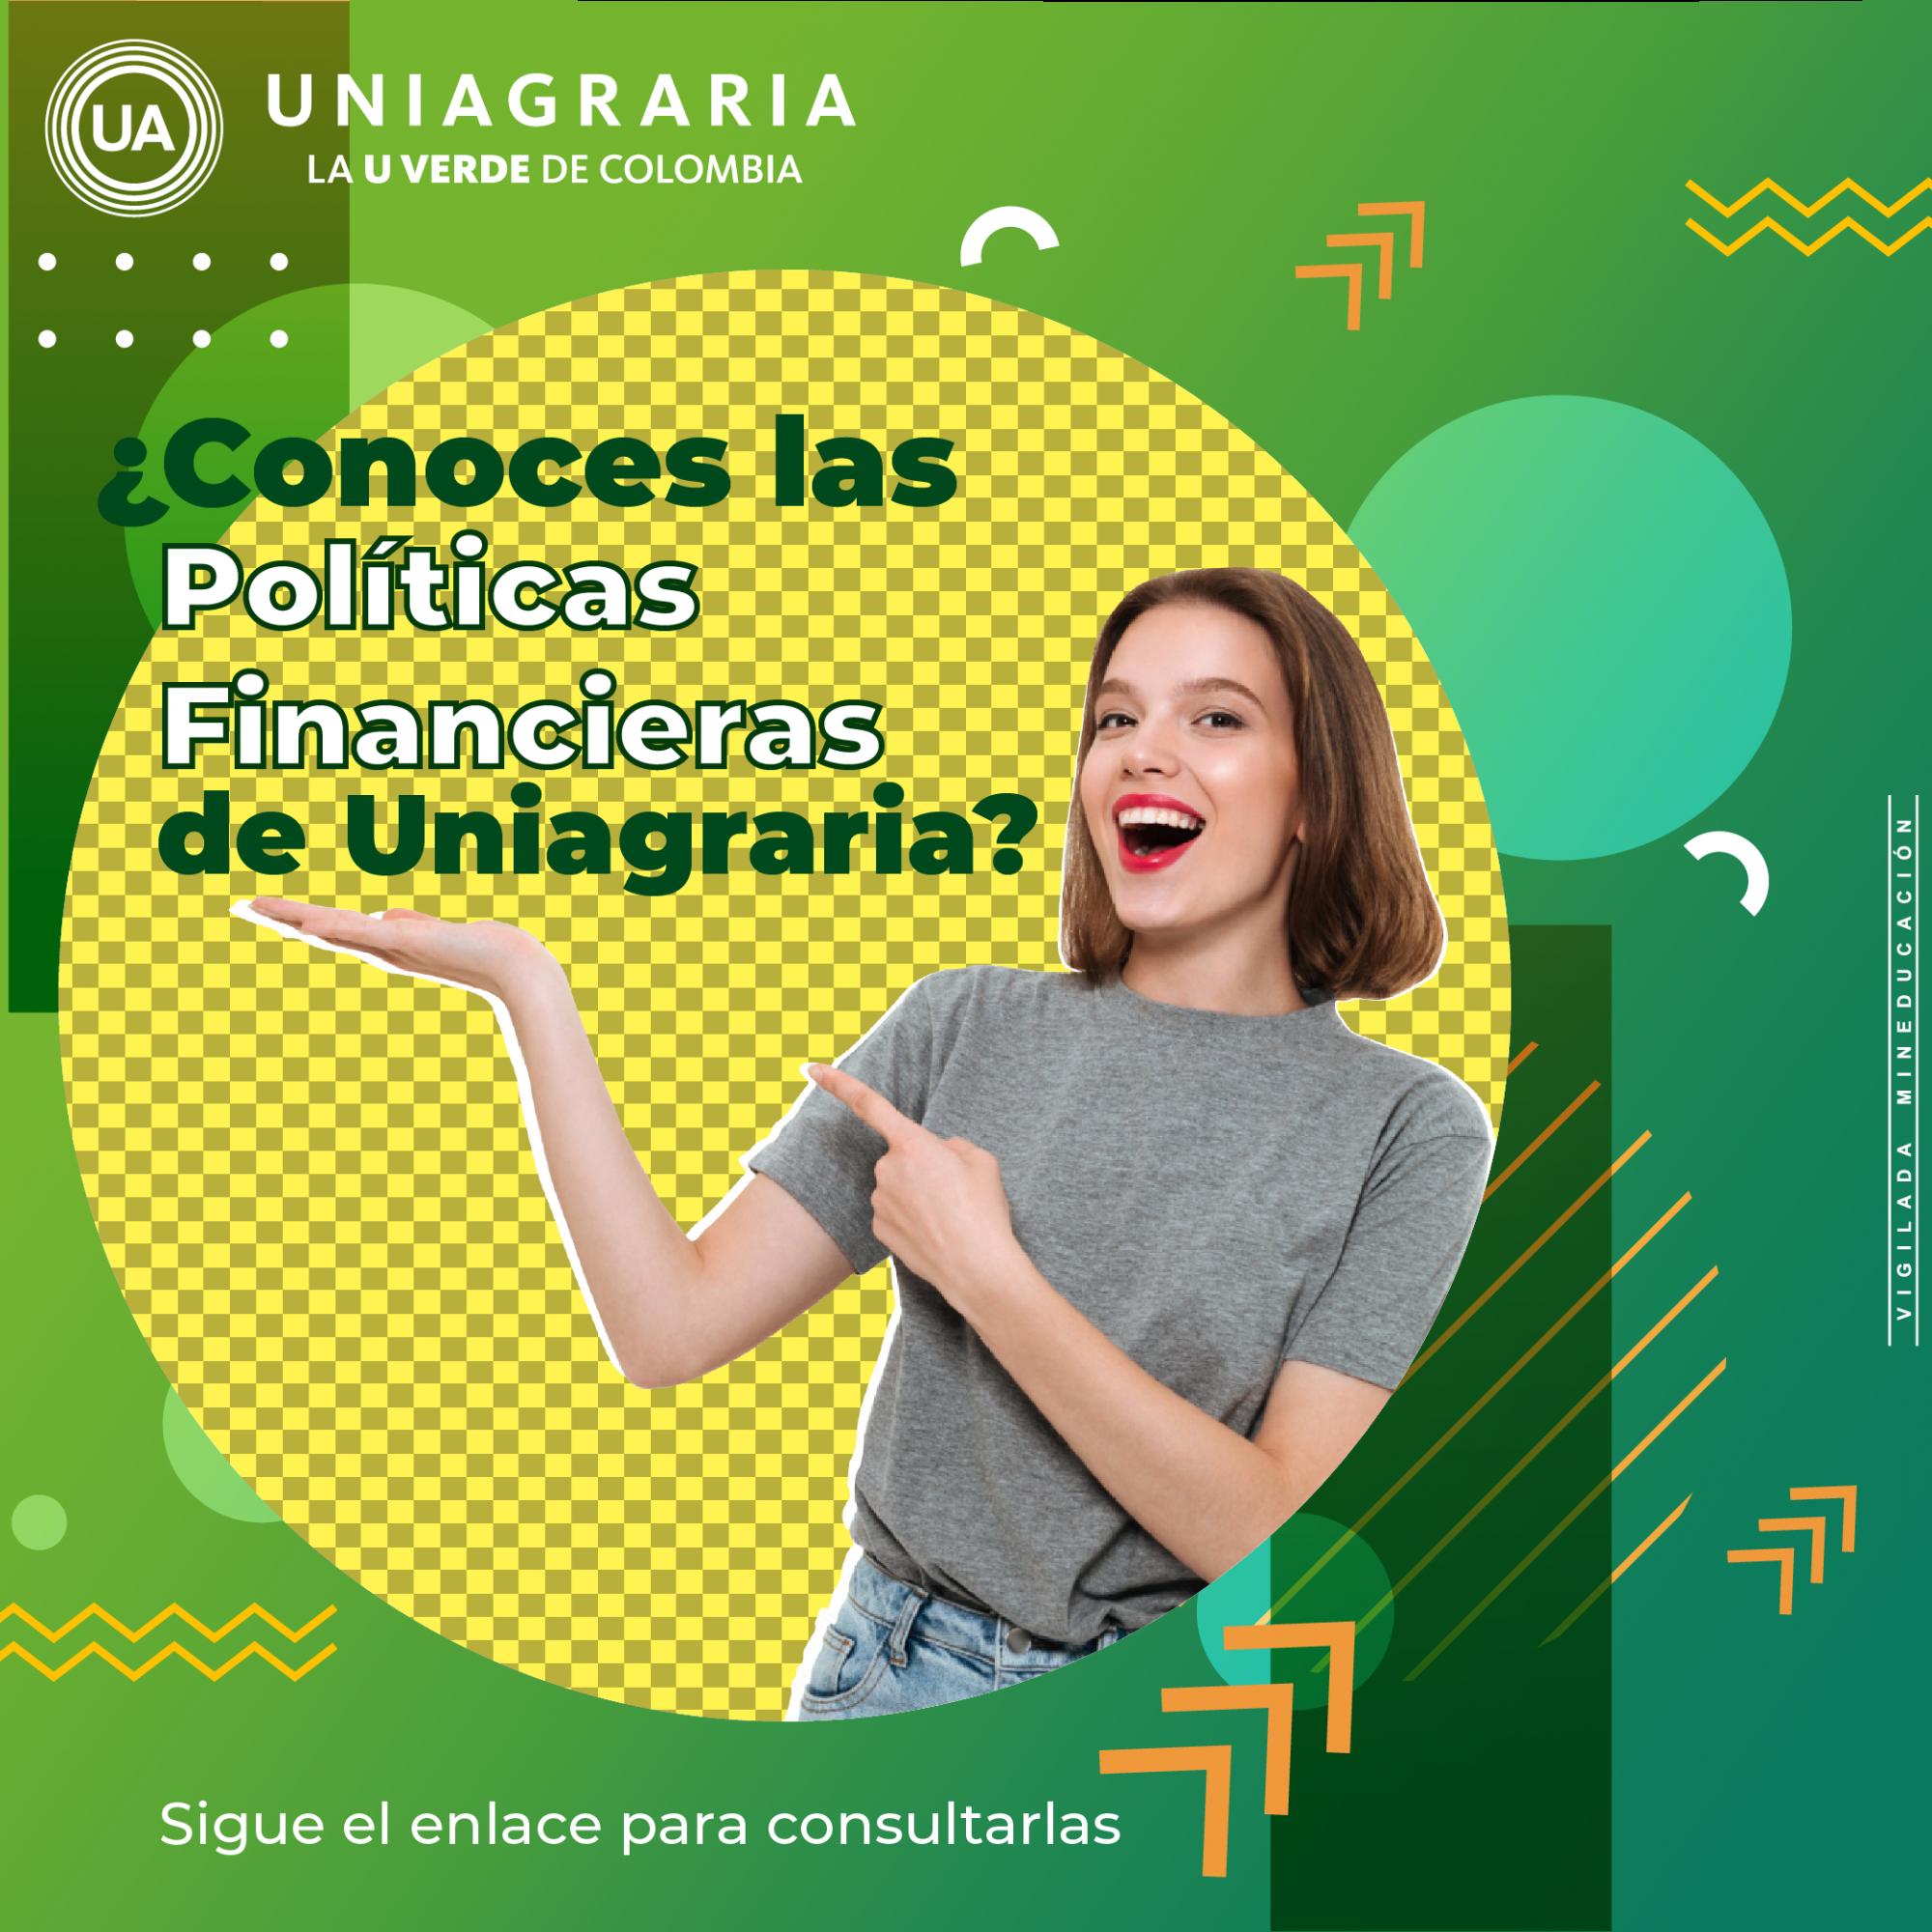 ¿Conoces las políticas financieras de Uniagraria?